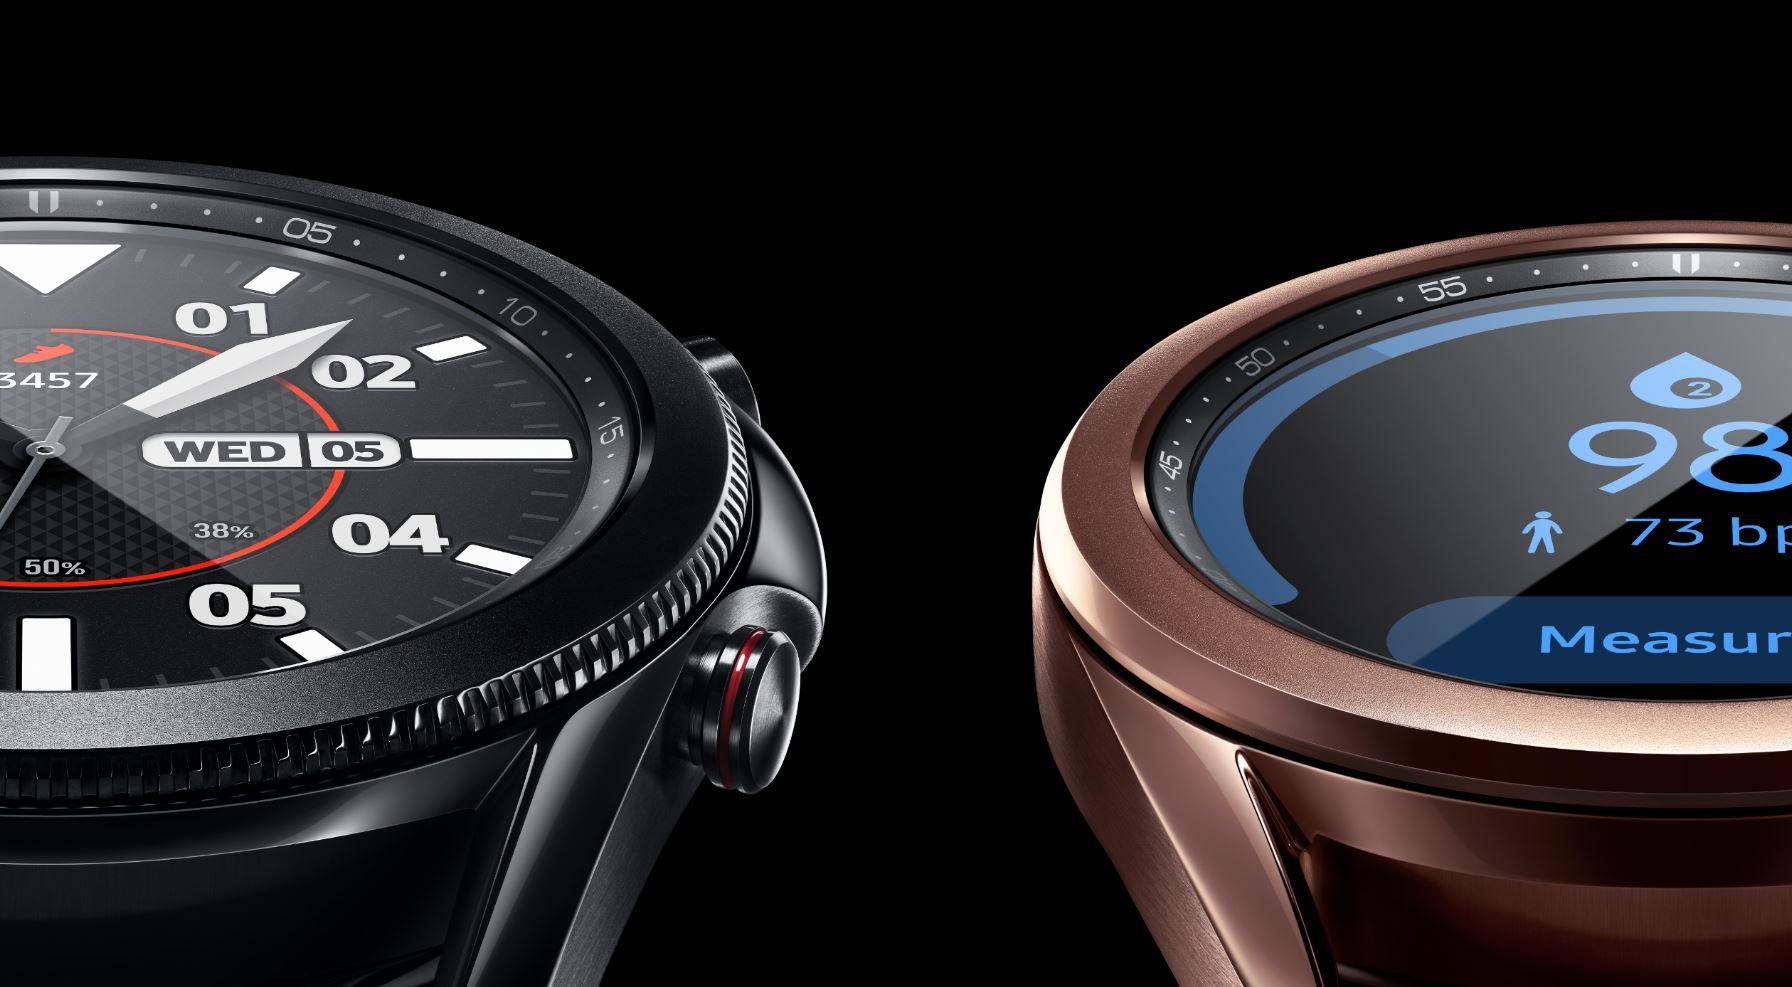 Endlich auch bei uns: Galaxy Watch 3 und Active 2 mit EKG-Funktion – Samsung rollt Update aus